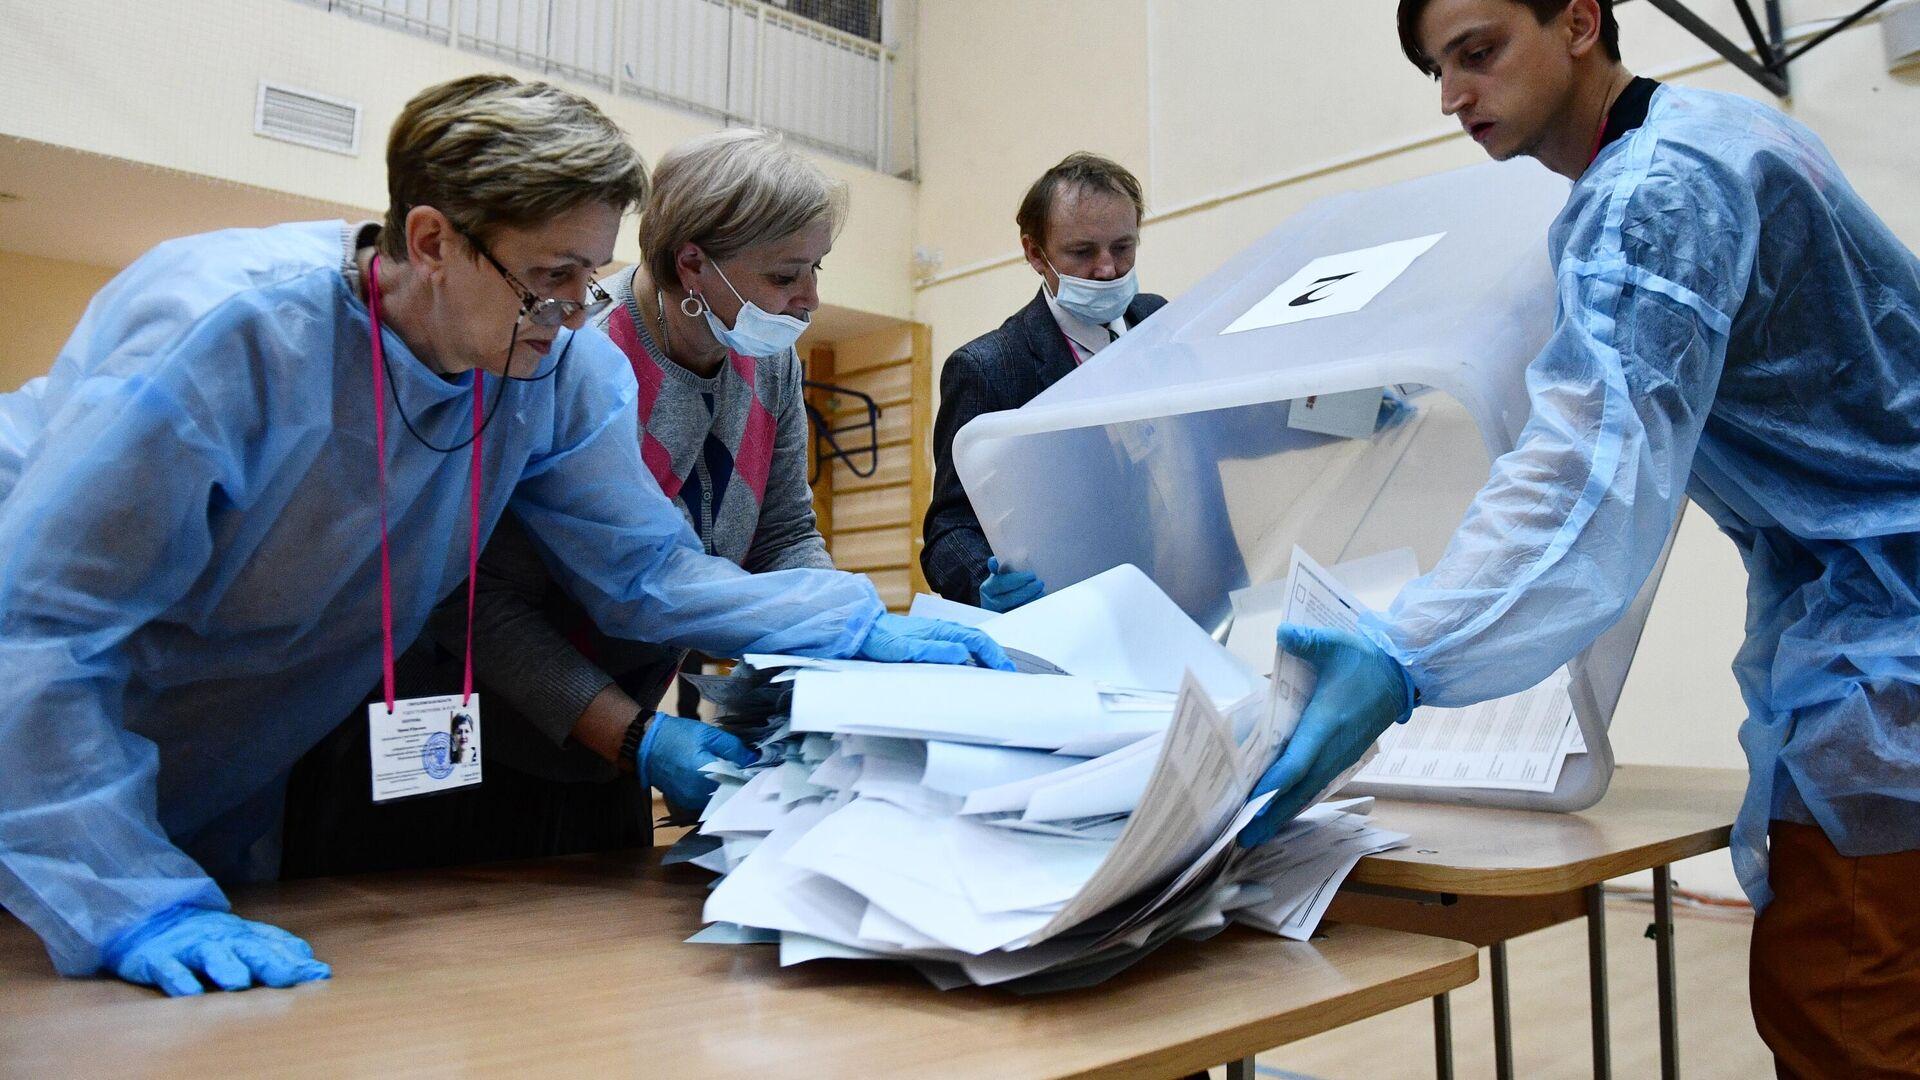 Бројање гласова на изборима у Русији - Sputnik Србија, 1920, 19.09.2021